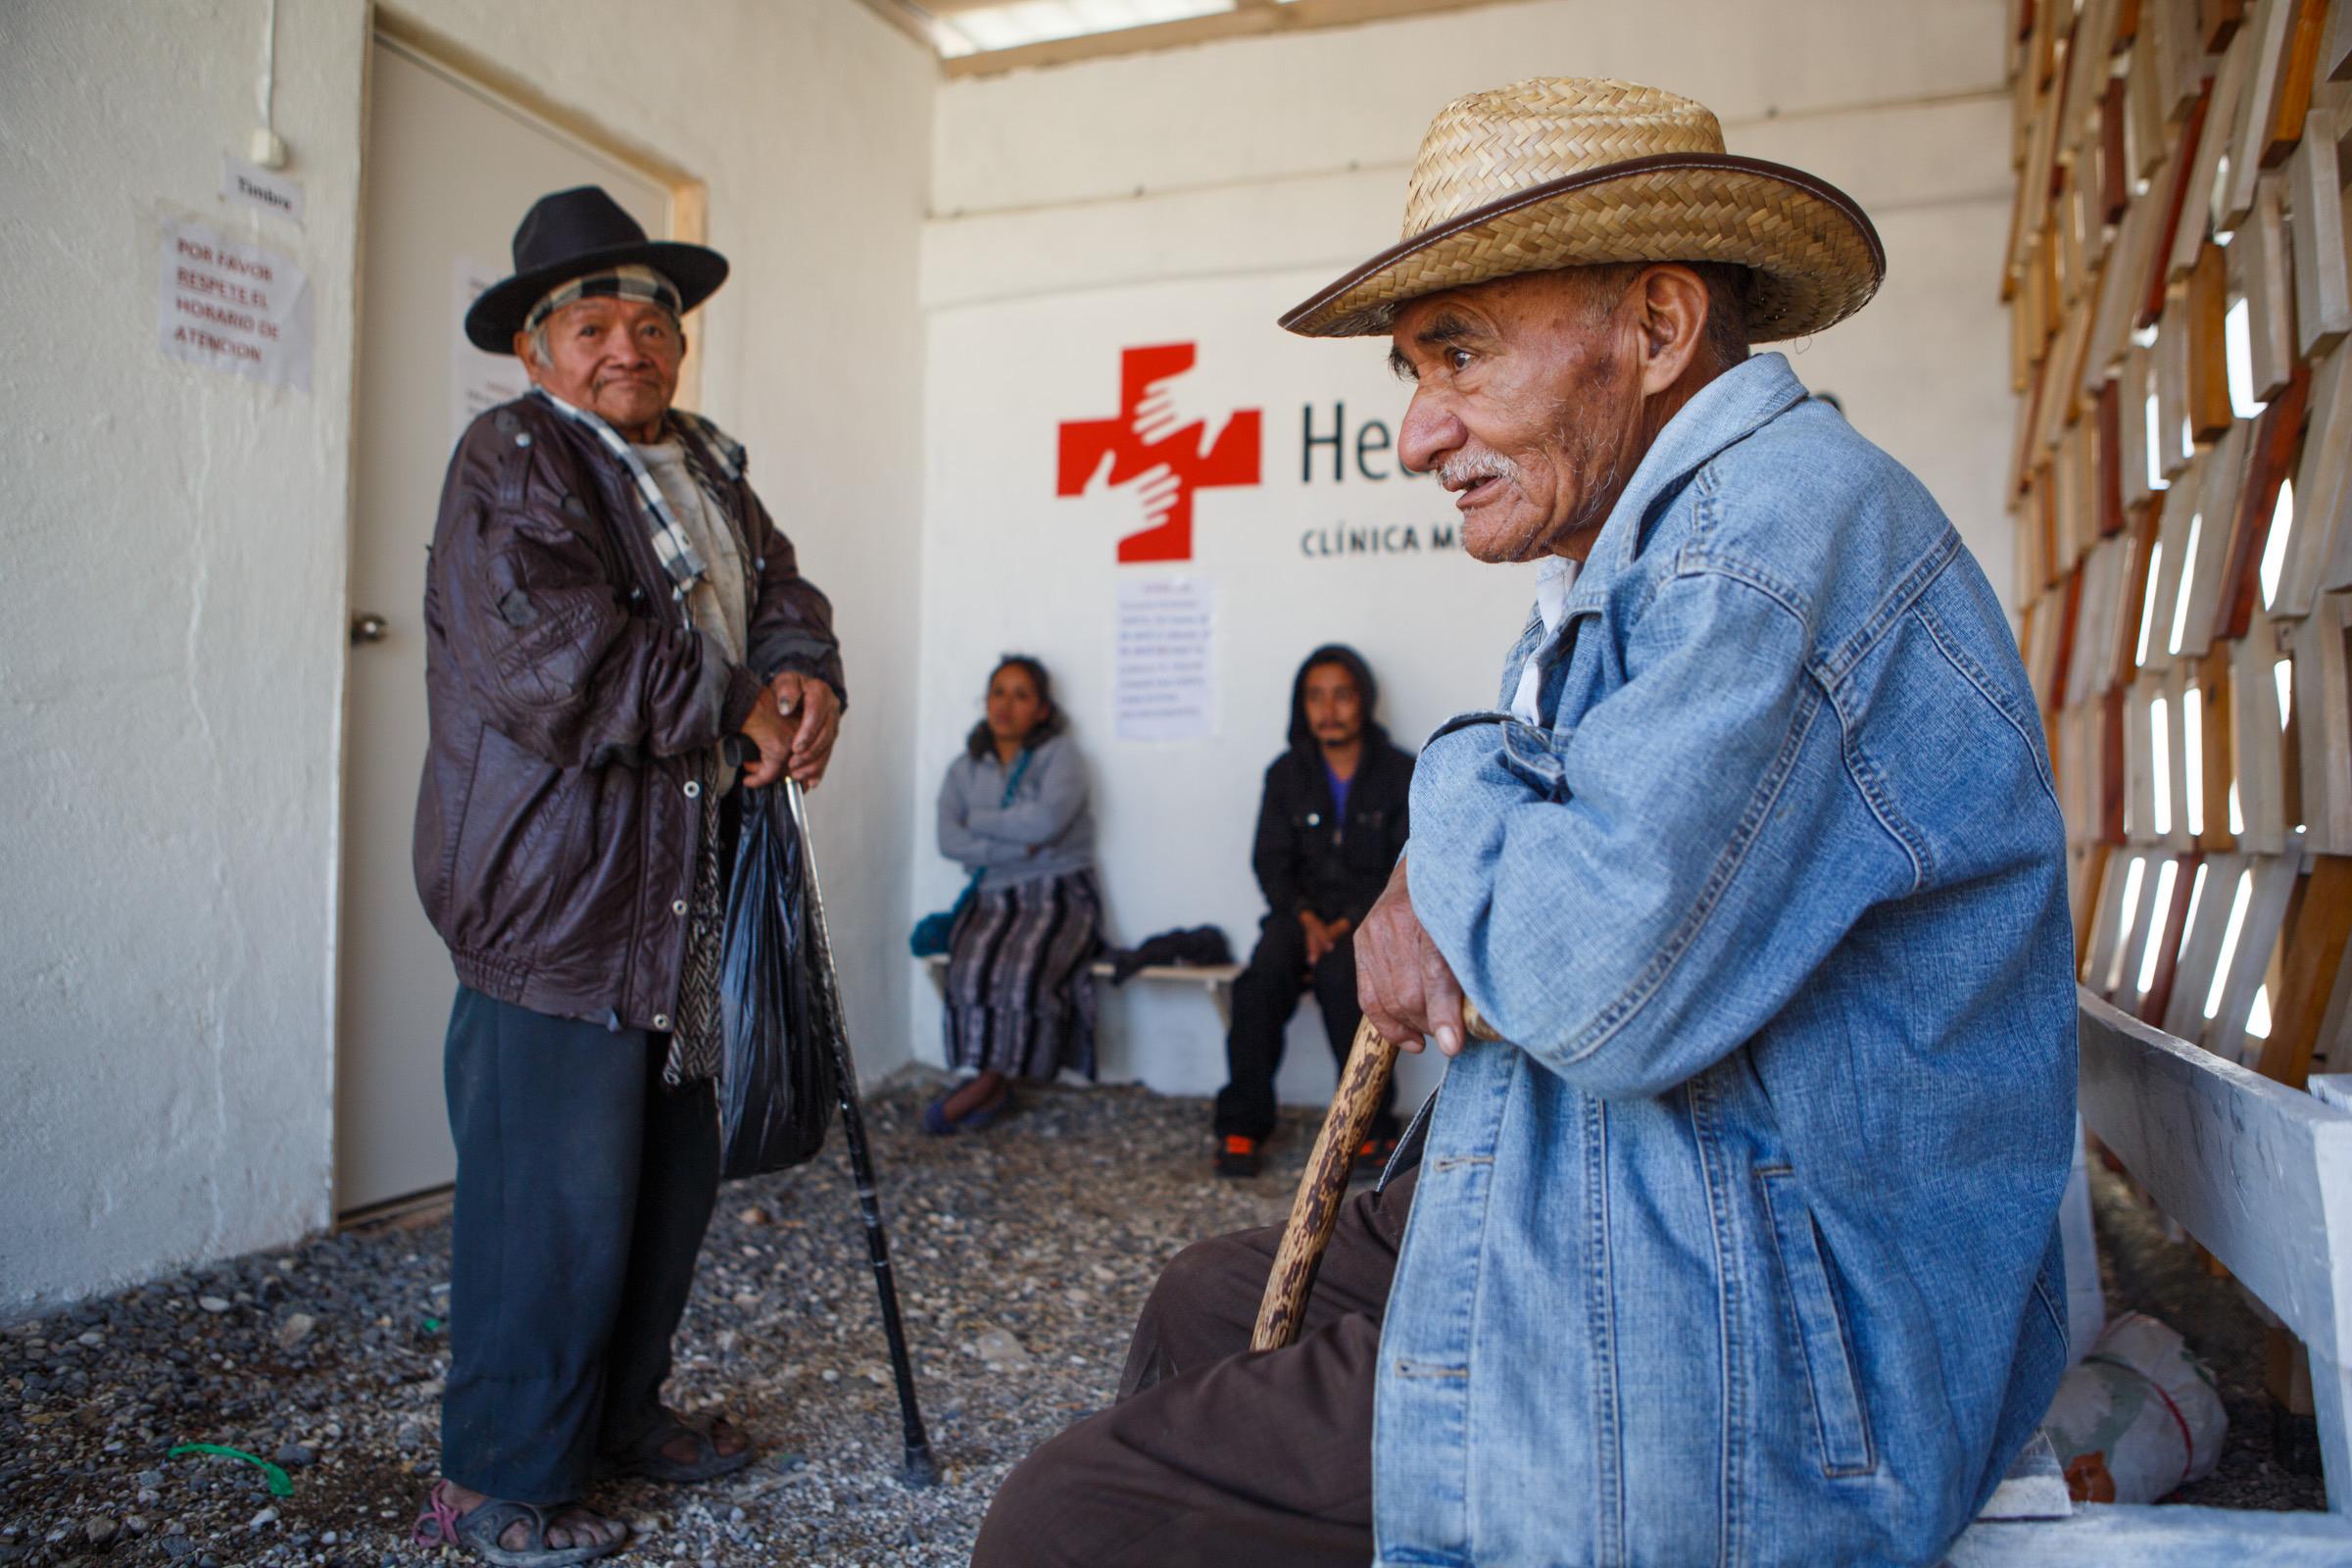 Pacientes esperando su turno en la entrada a la clínica. Fuente: Archivo personal